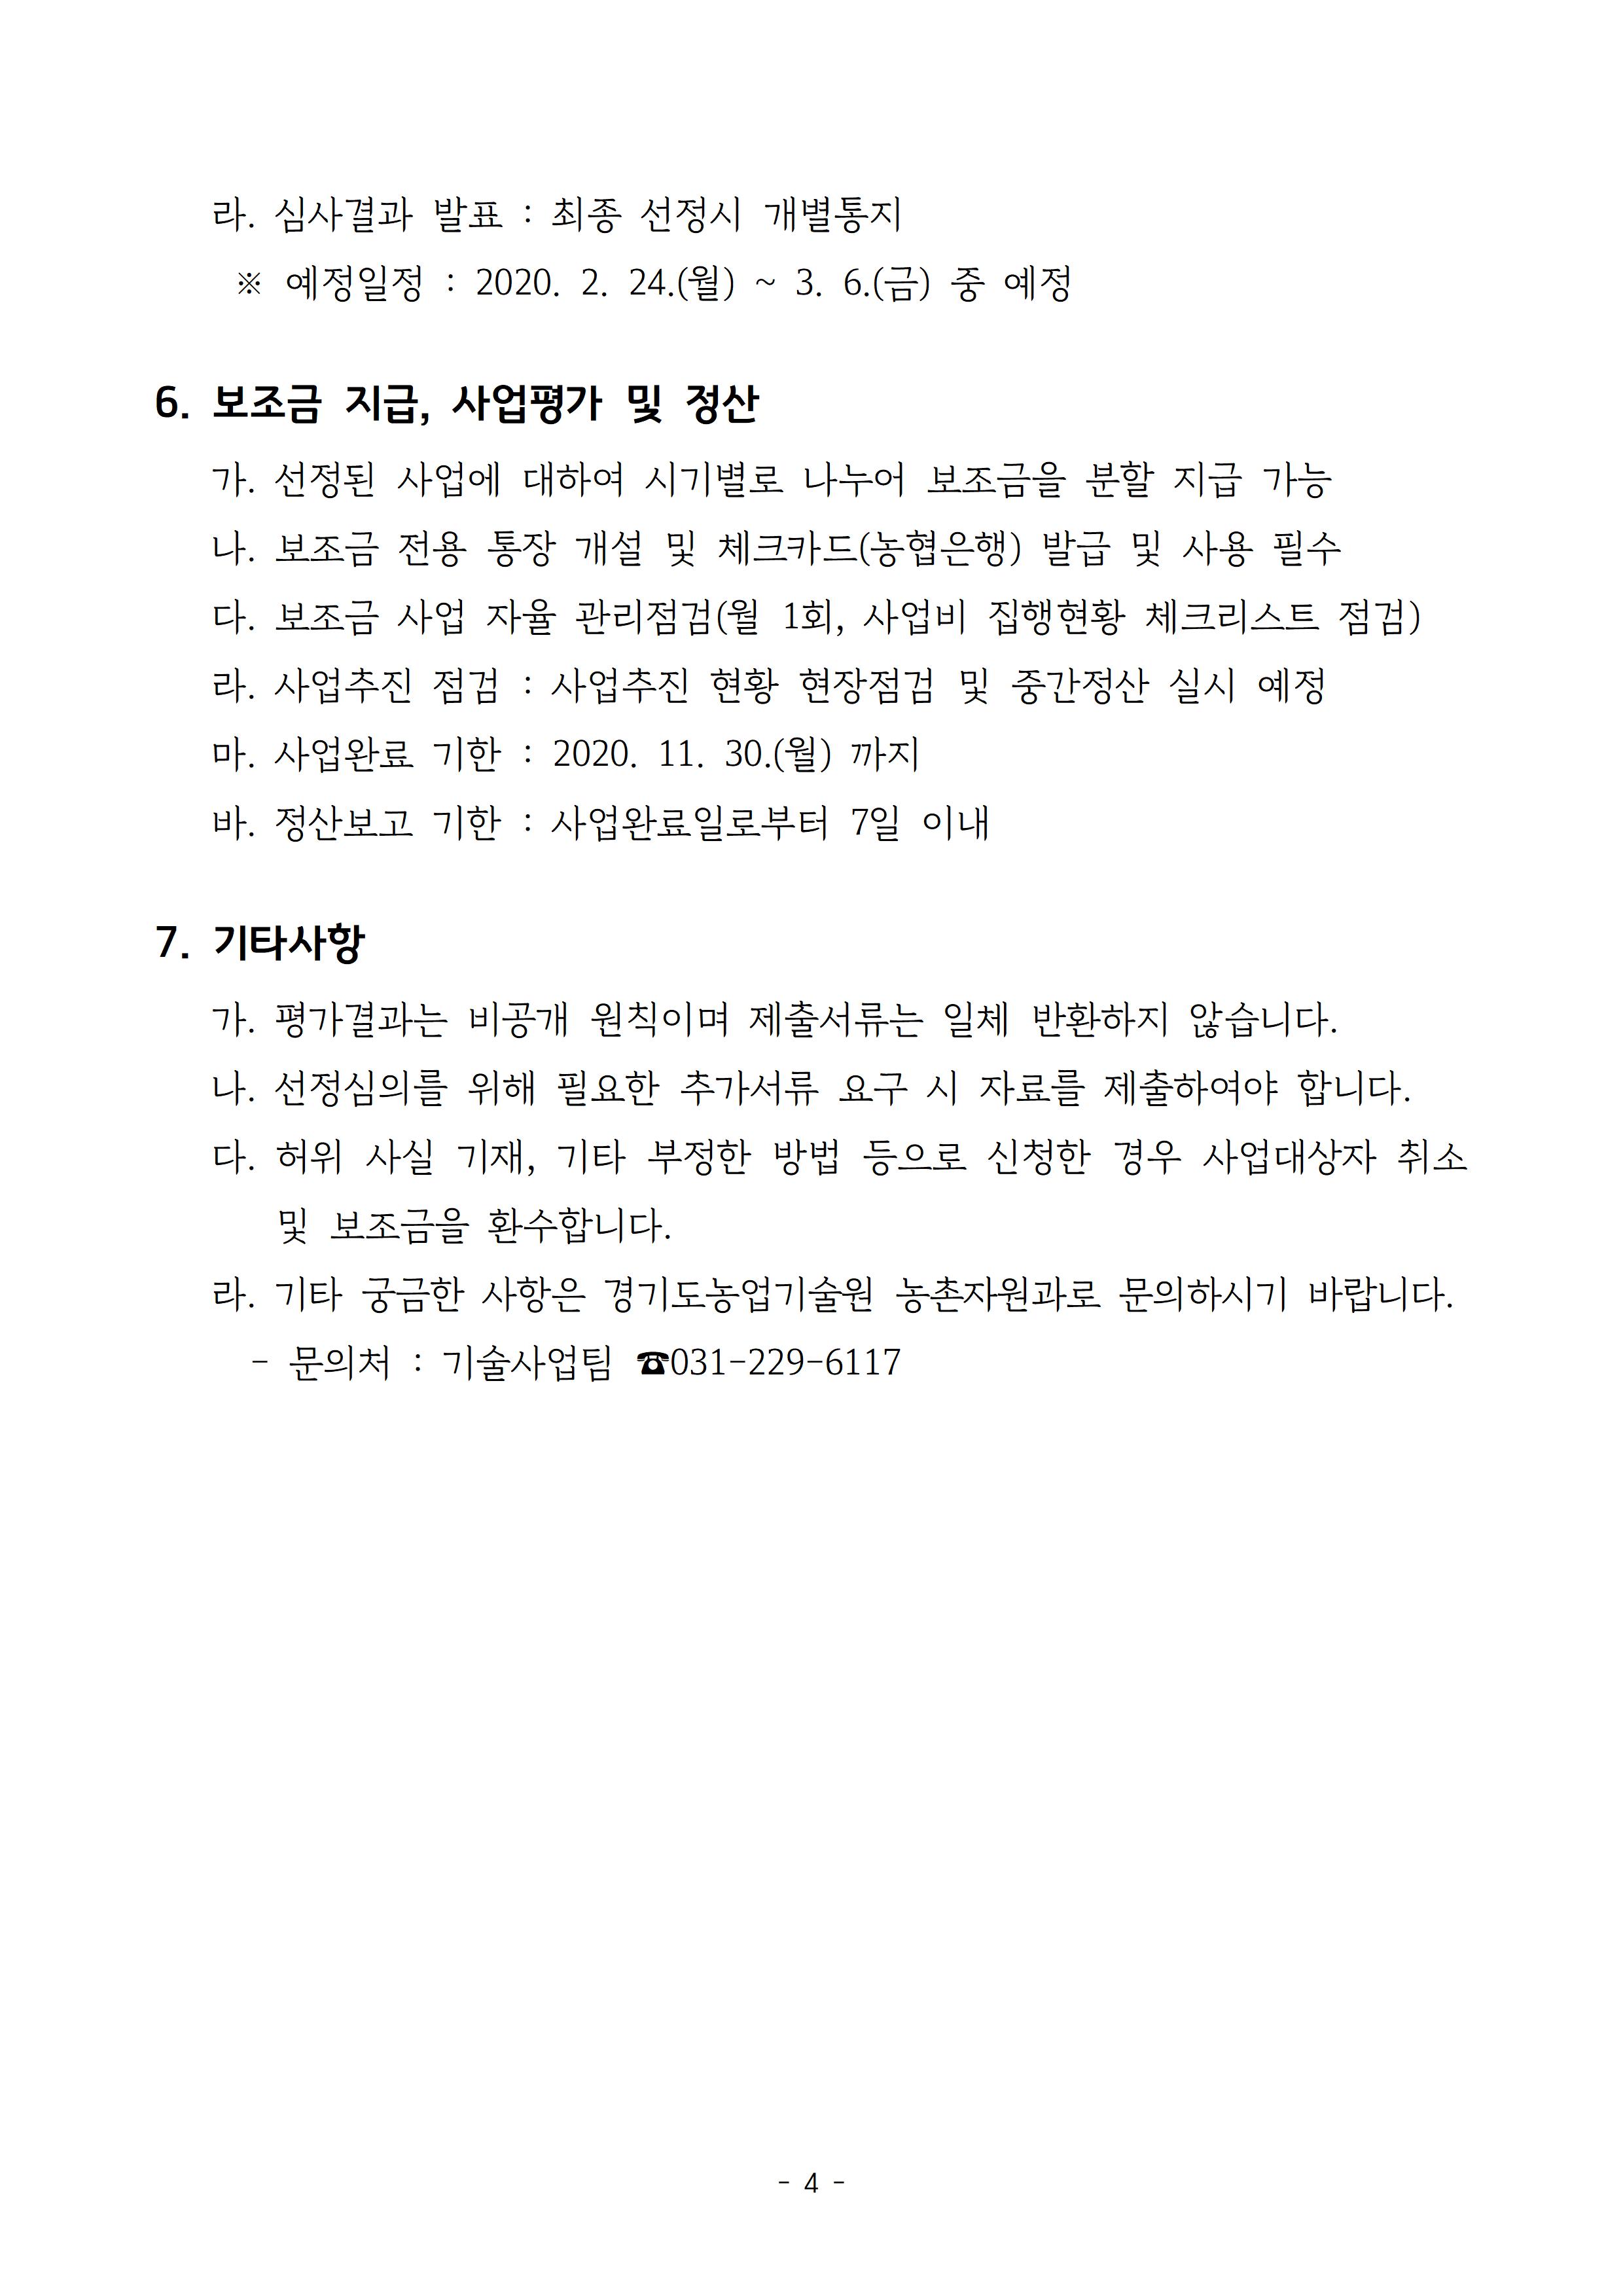 공고문(2020년 신품종 해외판로 개척 지원)004